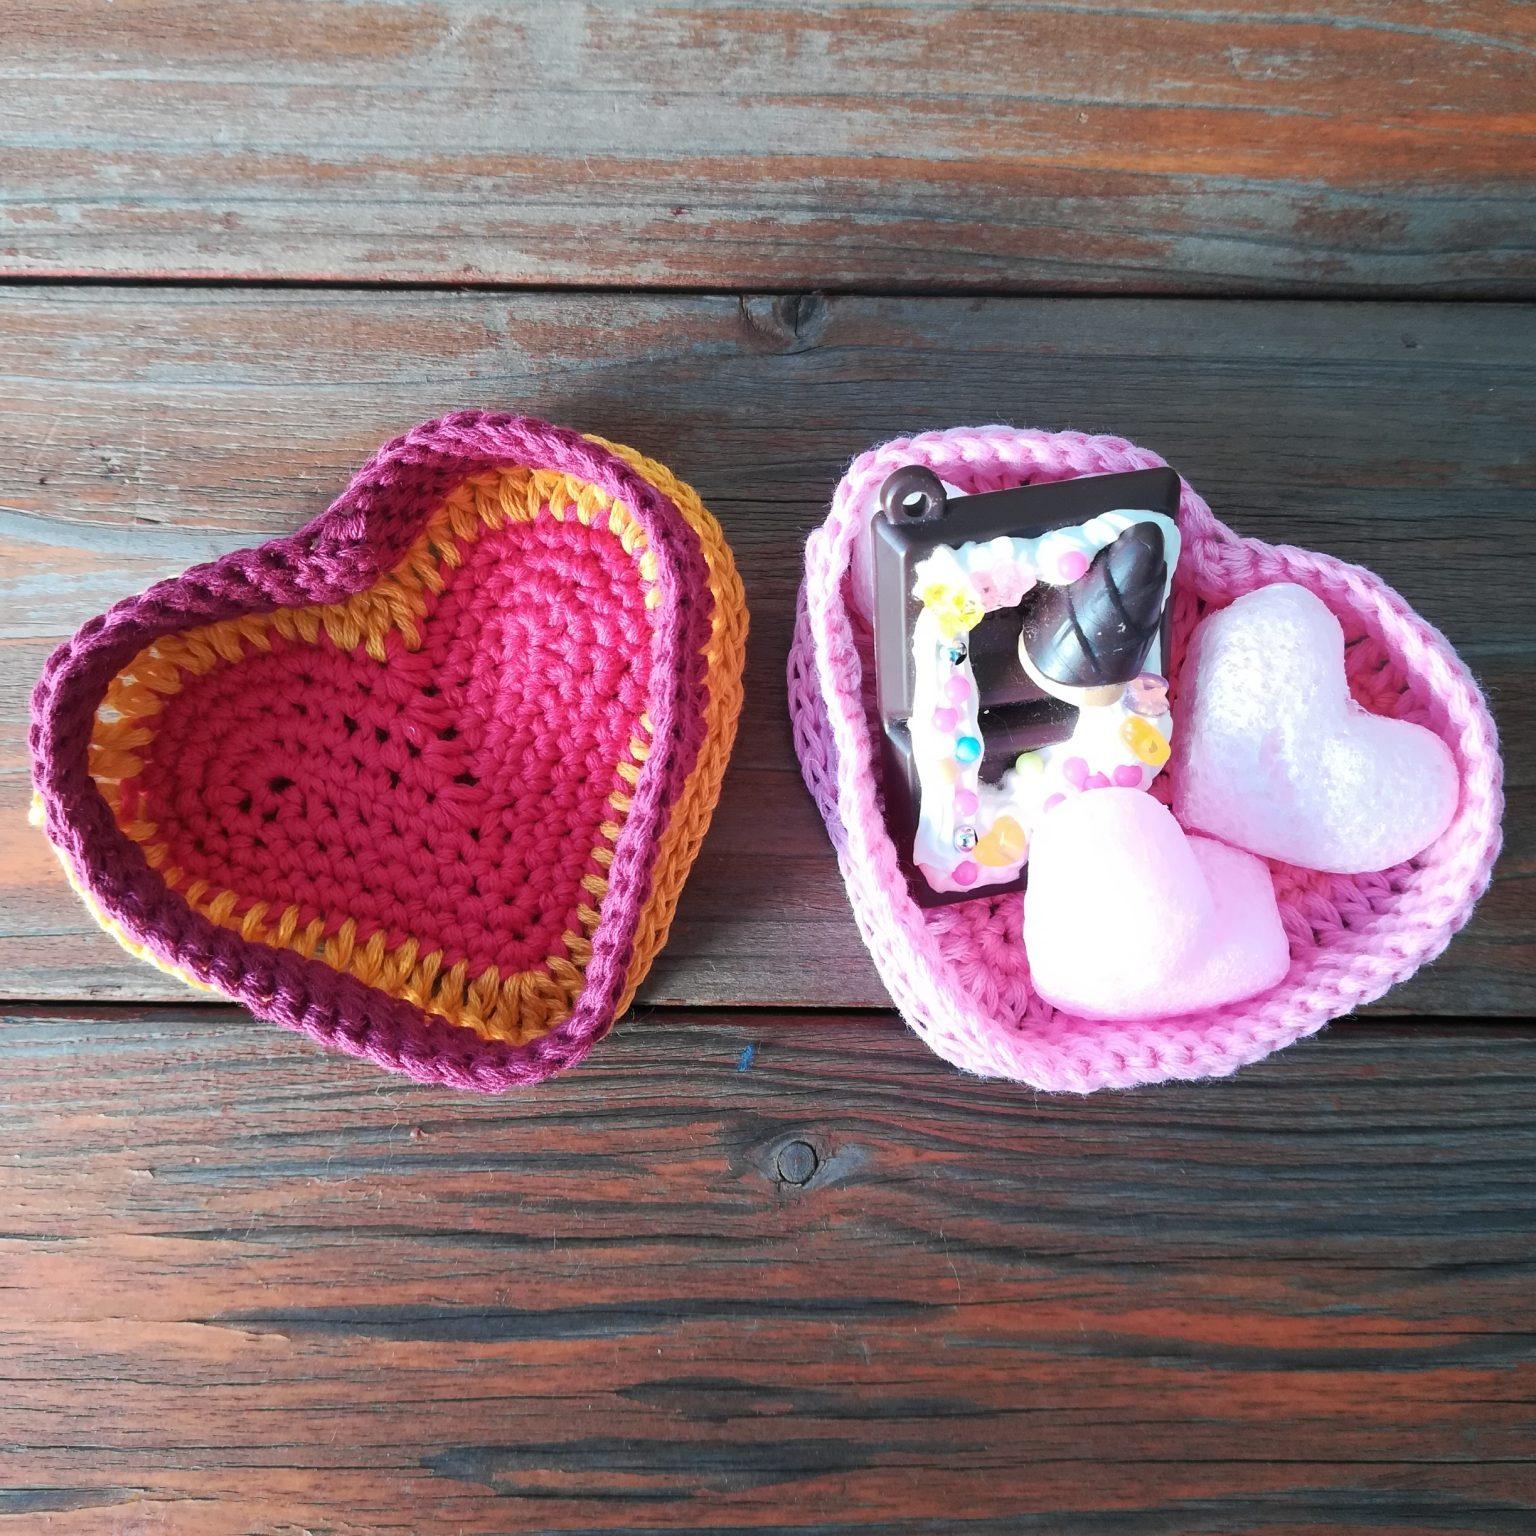 刺繍糸でかぎ針編み「バレンタインデーにも「ハート型の小物入れ」」の編み方